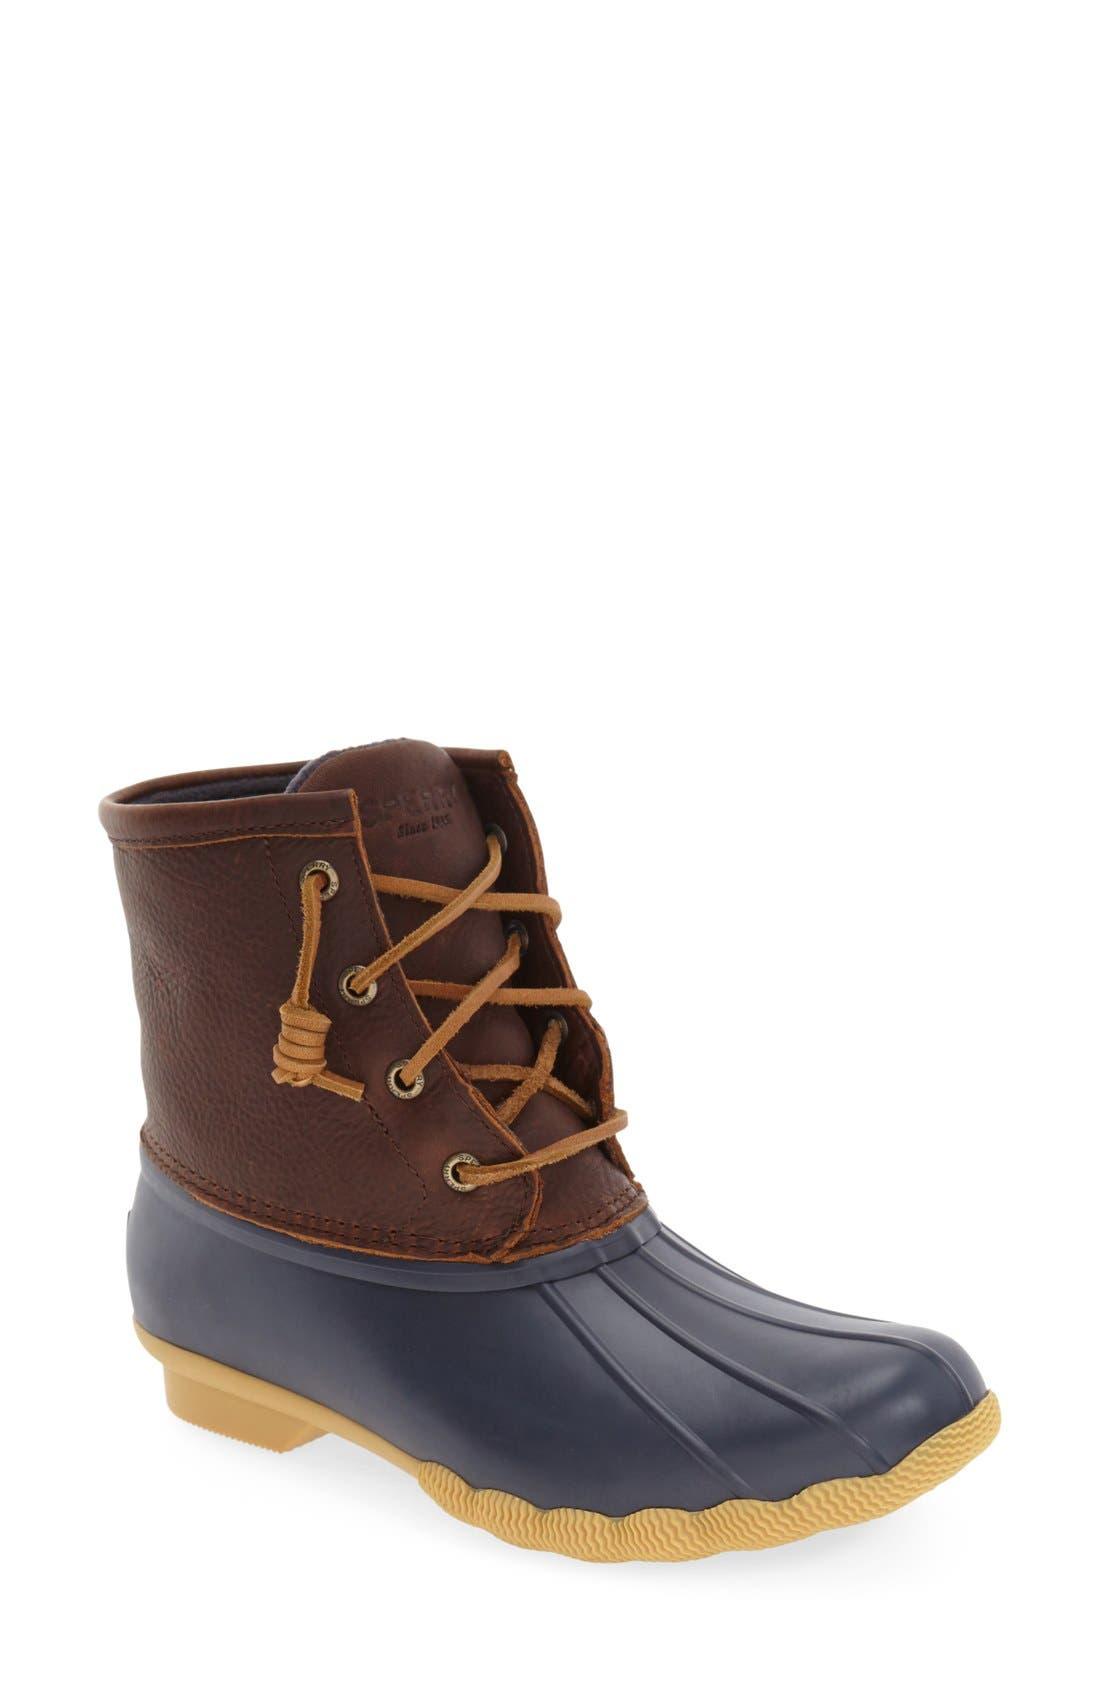 Alternate Image 1 Selected - Sperry 'Saltwater' Waterproof Rain Boot (Women)